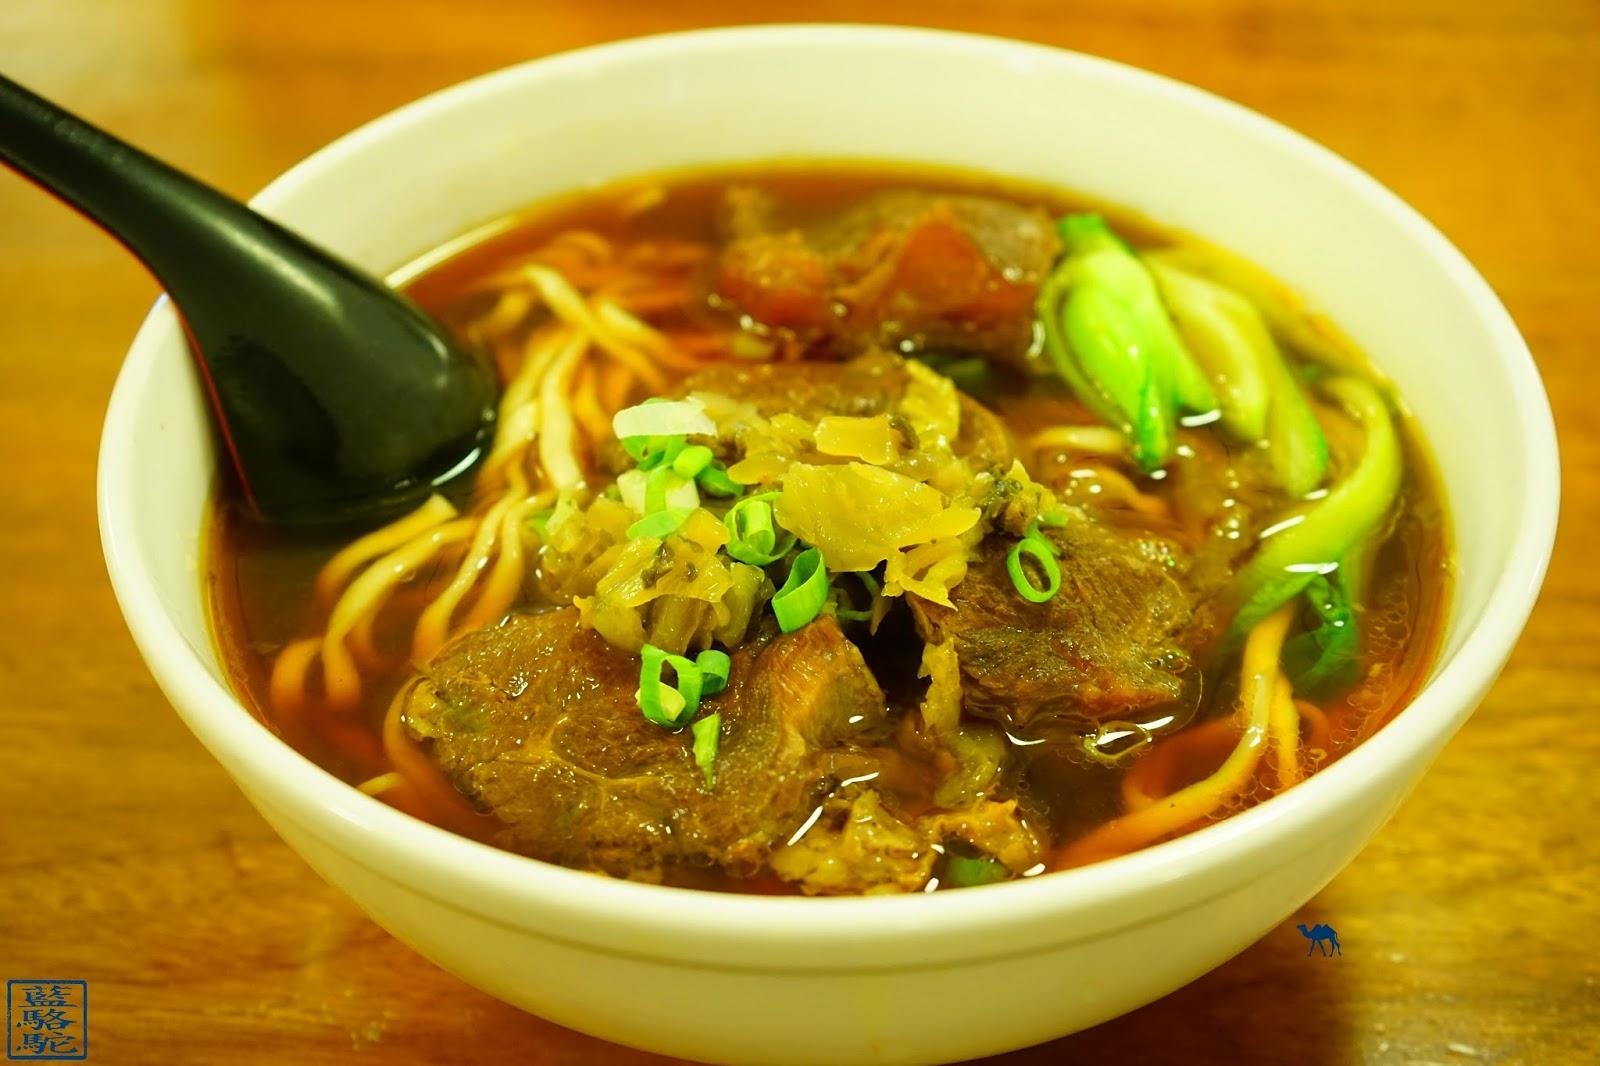 Le Chameau Bleu - Blog Voyage Taitung Taiwan - Beef Noodle Soup- Spécialité de Taiwan - Gastronomie Taïwanaise